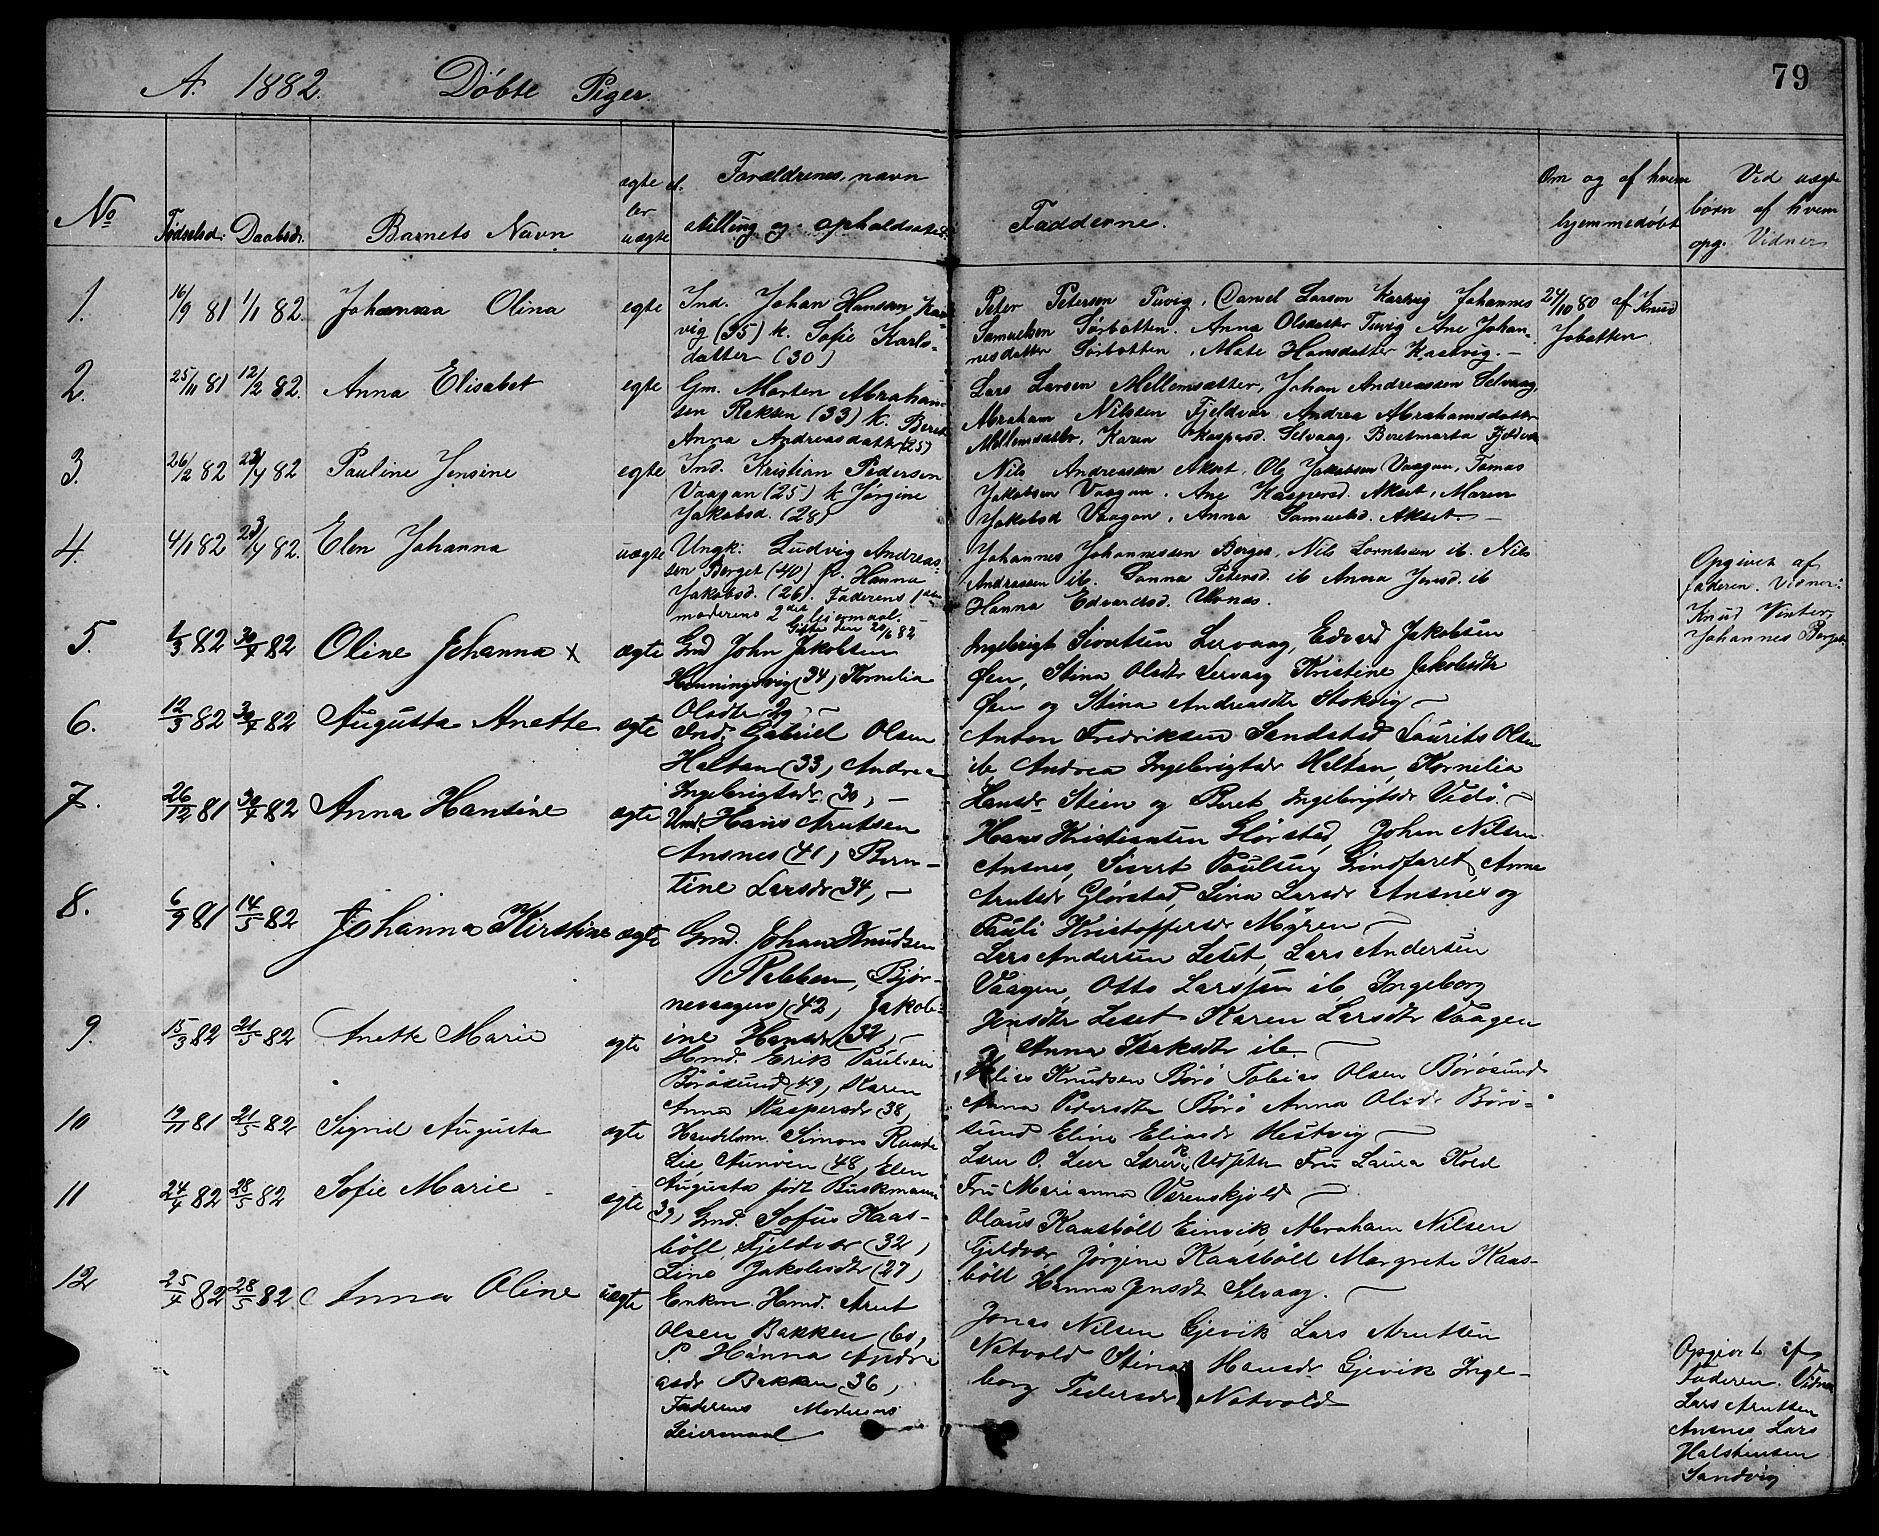 SAT, Ministerialprotokoller, klokkerbøker og fødselsregistre - Sør-Trøndelag, 637/L0561: Klokkerbok nr. 637C02, 1873-1882, s. 79